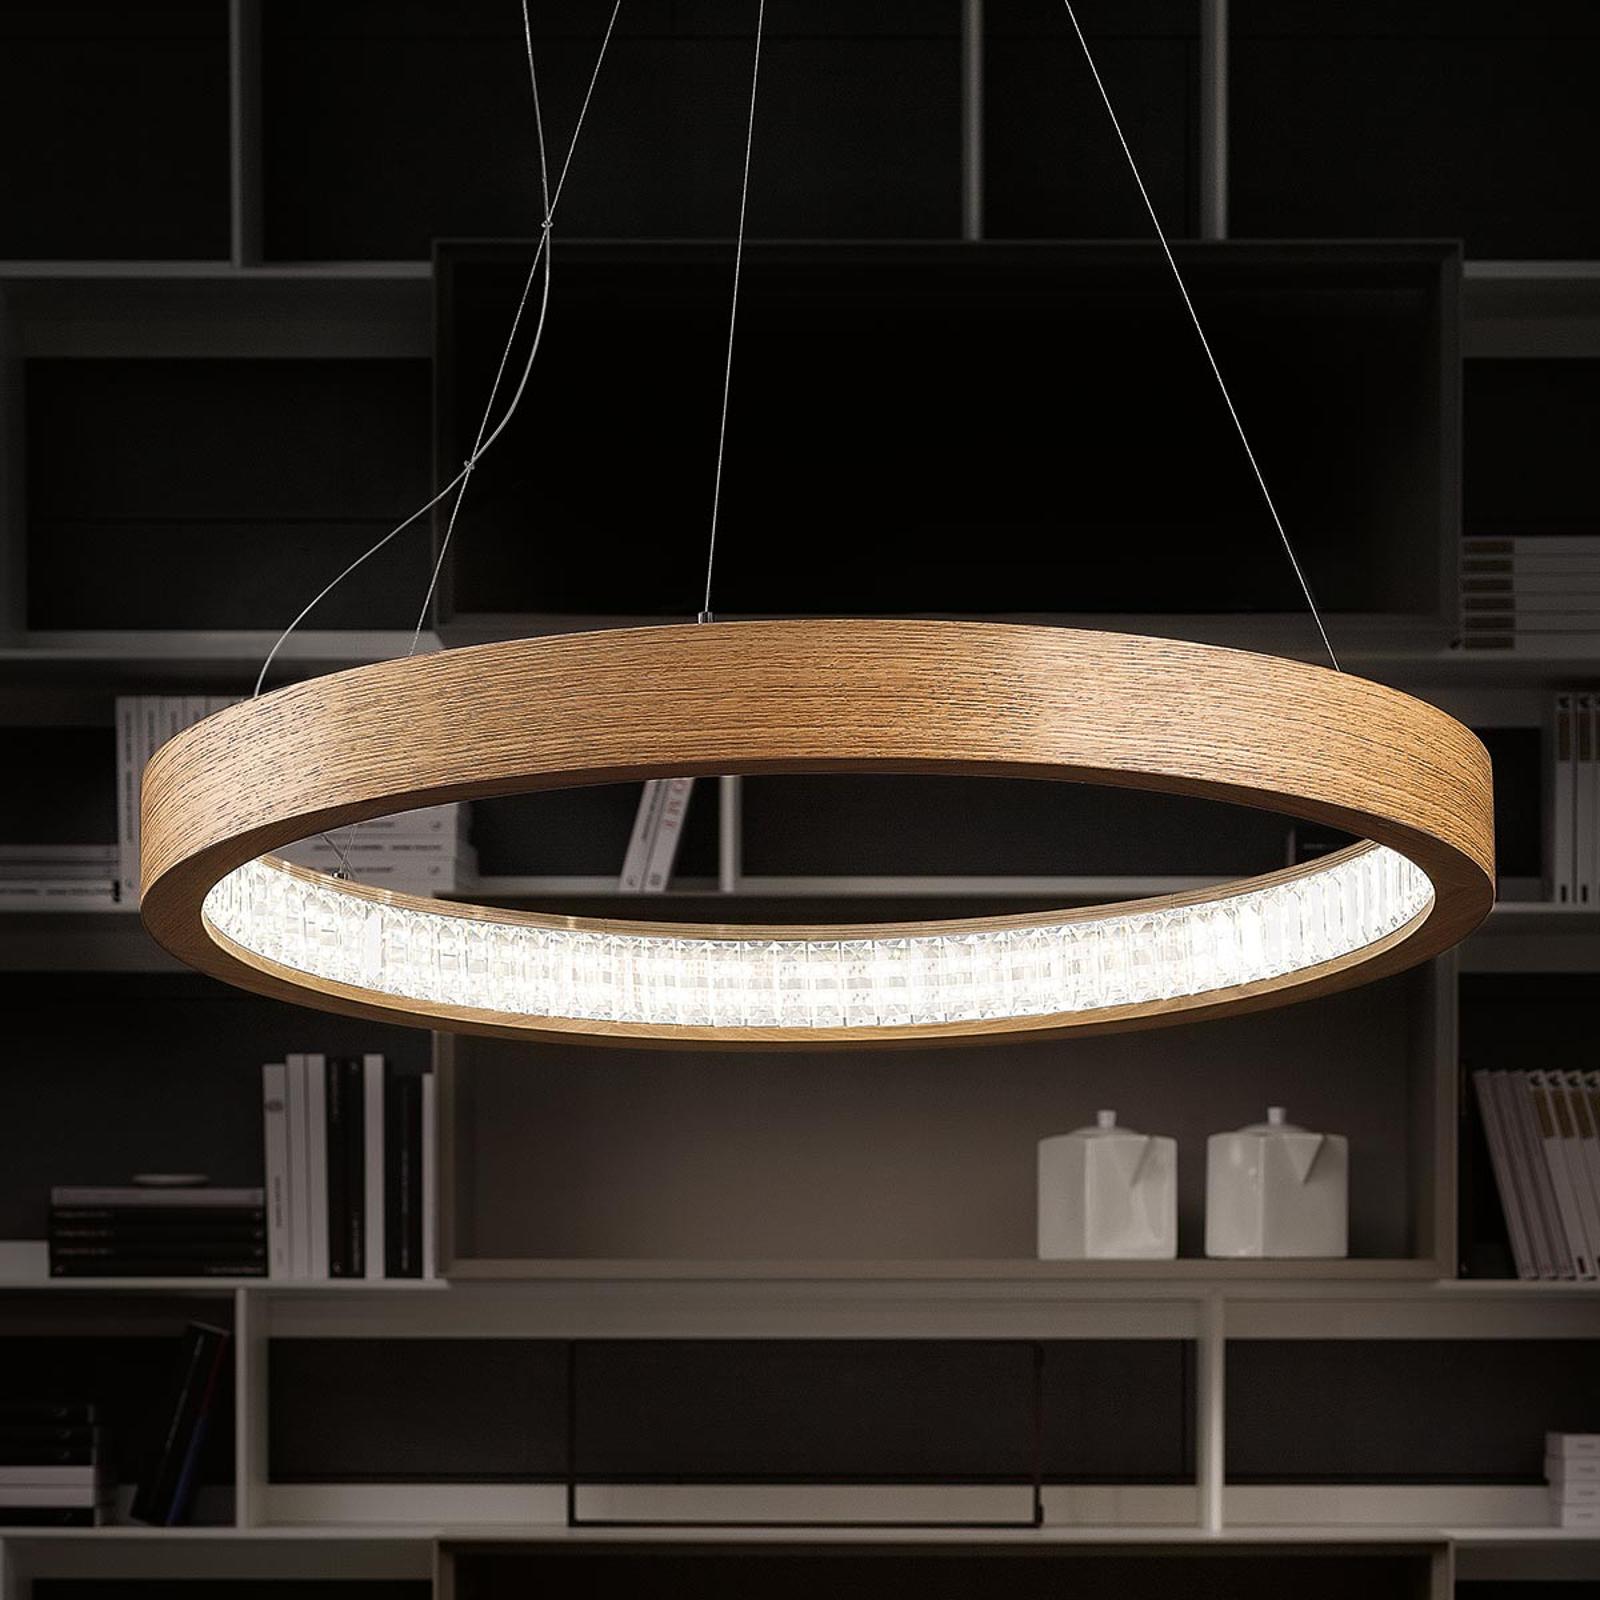 Naturalna lampa wisząca LED LIBE ROUND, 90 cm